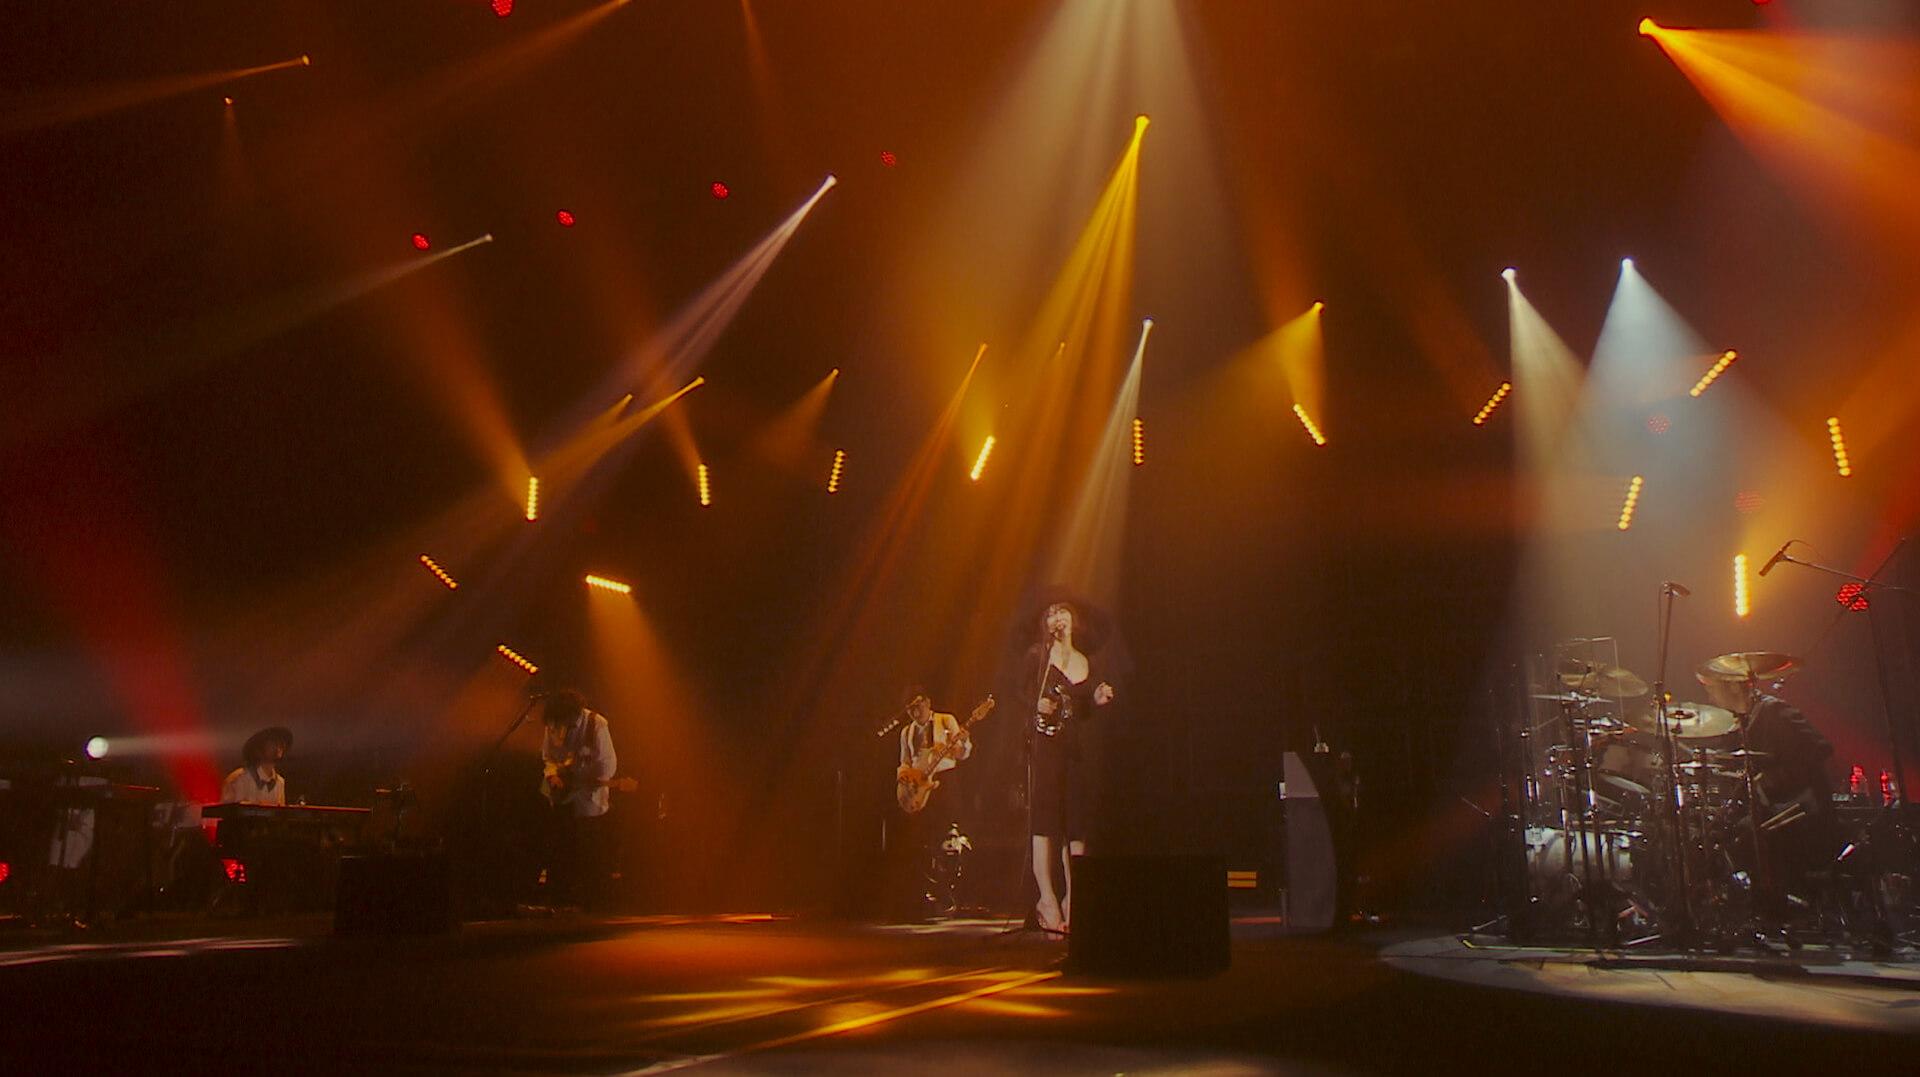 東京事変の実演映像作品『2O2O.7.24閏vision特番ニュースフラッシュ』からライブクリップ5タイトルが解禁! music210305_tokyoincident_7